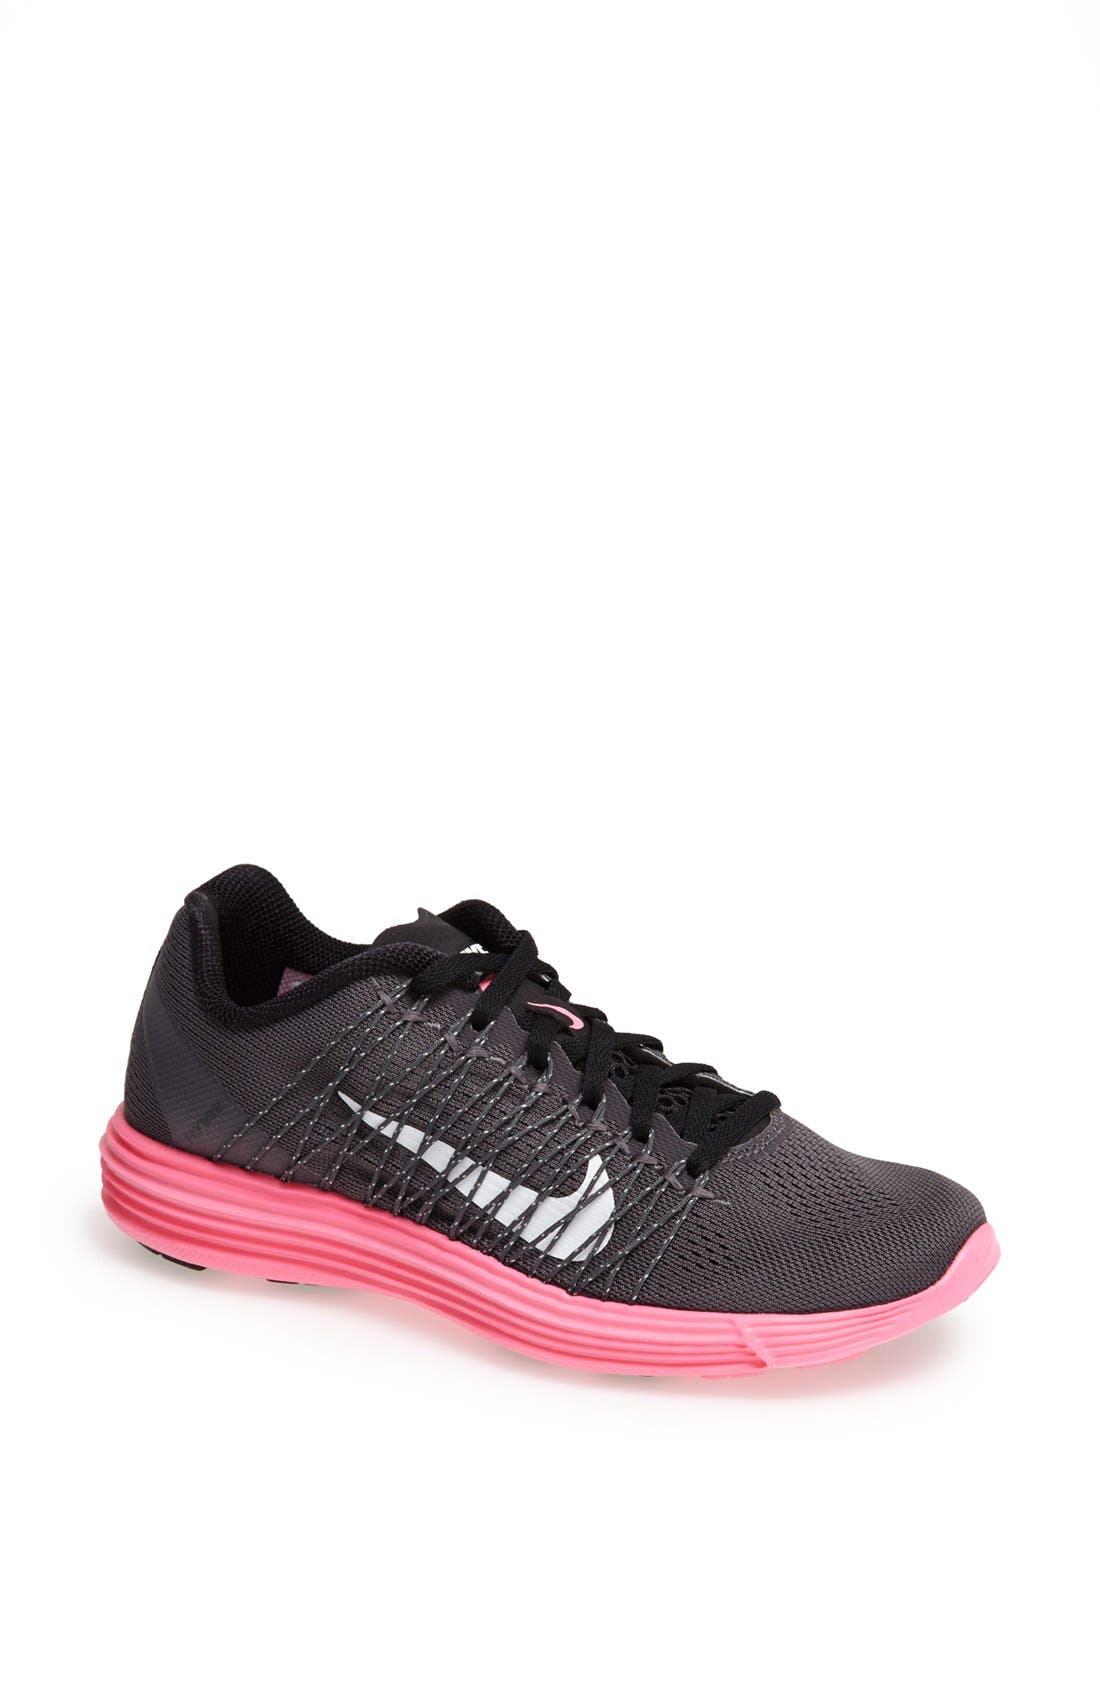 Main Image - Nike 'Lunaracer+ 3' Running Shoe (Women)